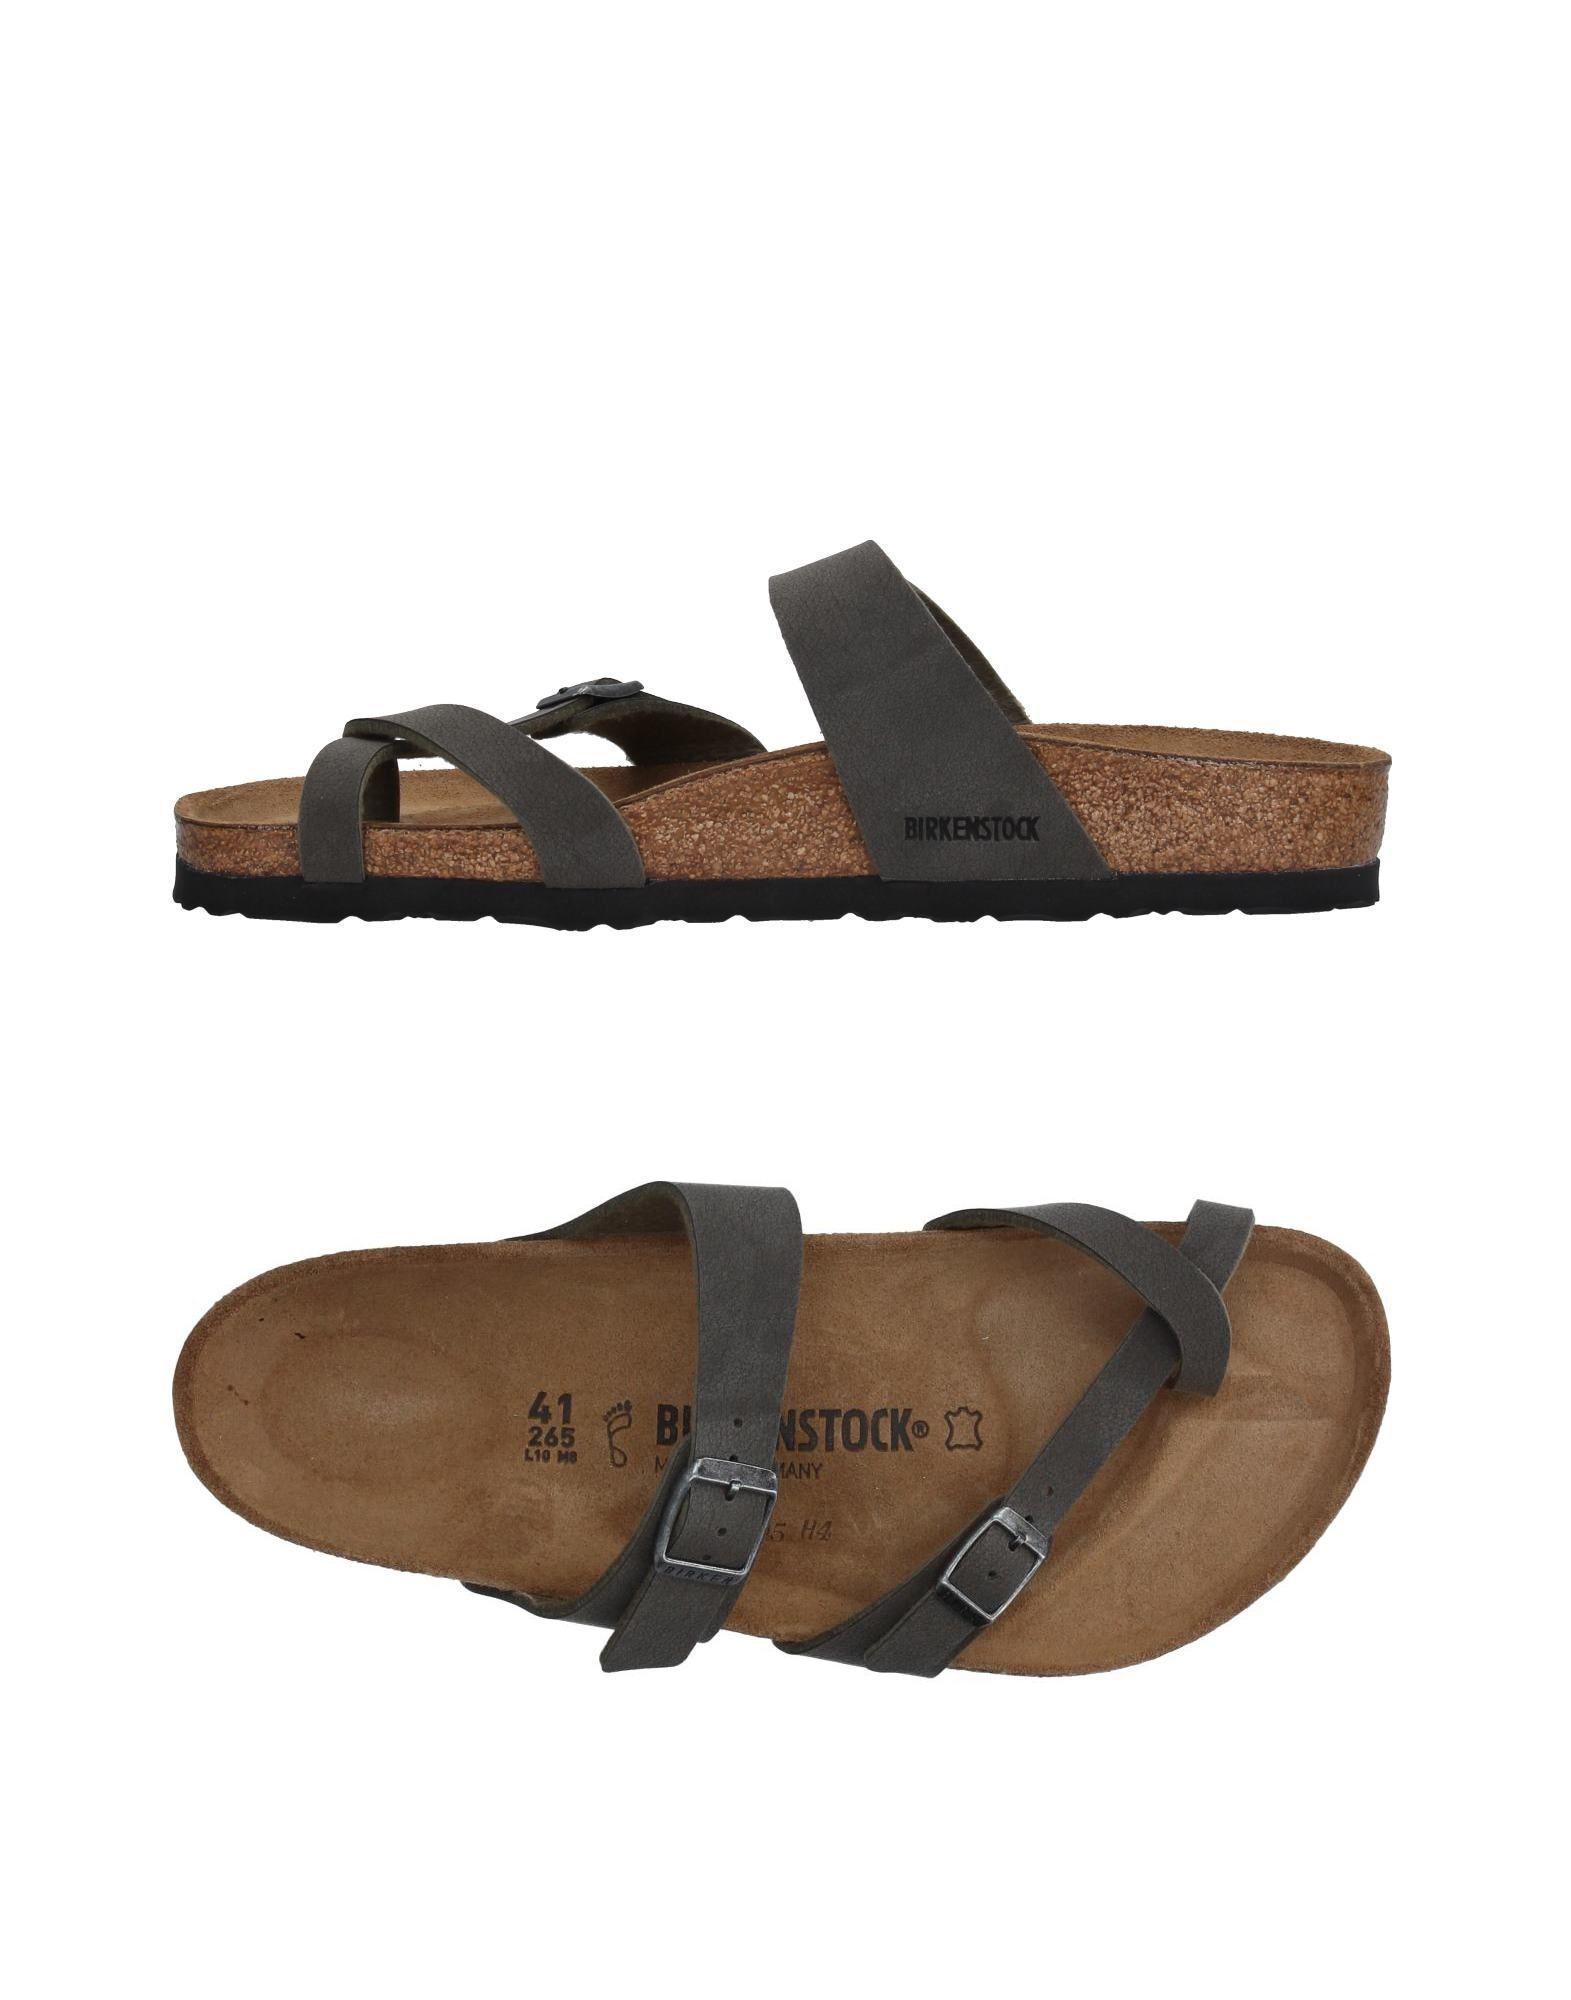 4d3378d733 Birkenstock Toe Strap Sandal in Gray for Men - Lyst